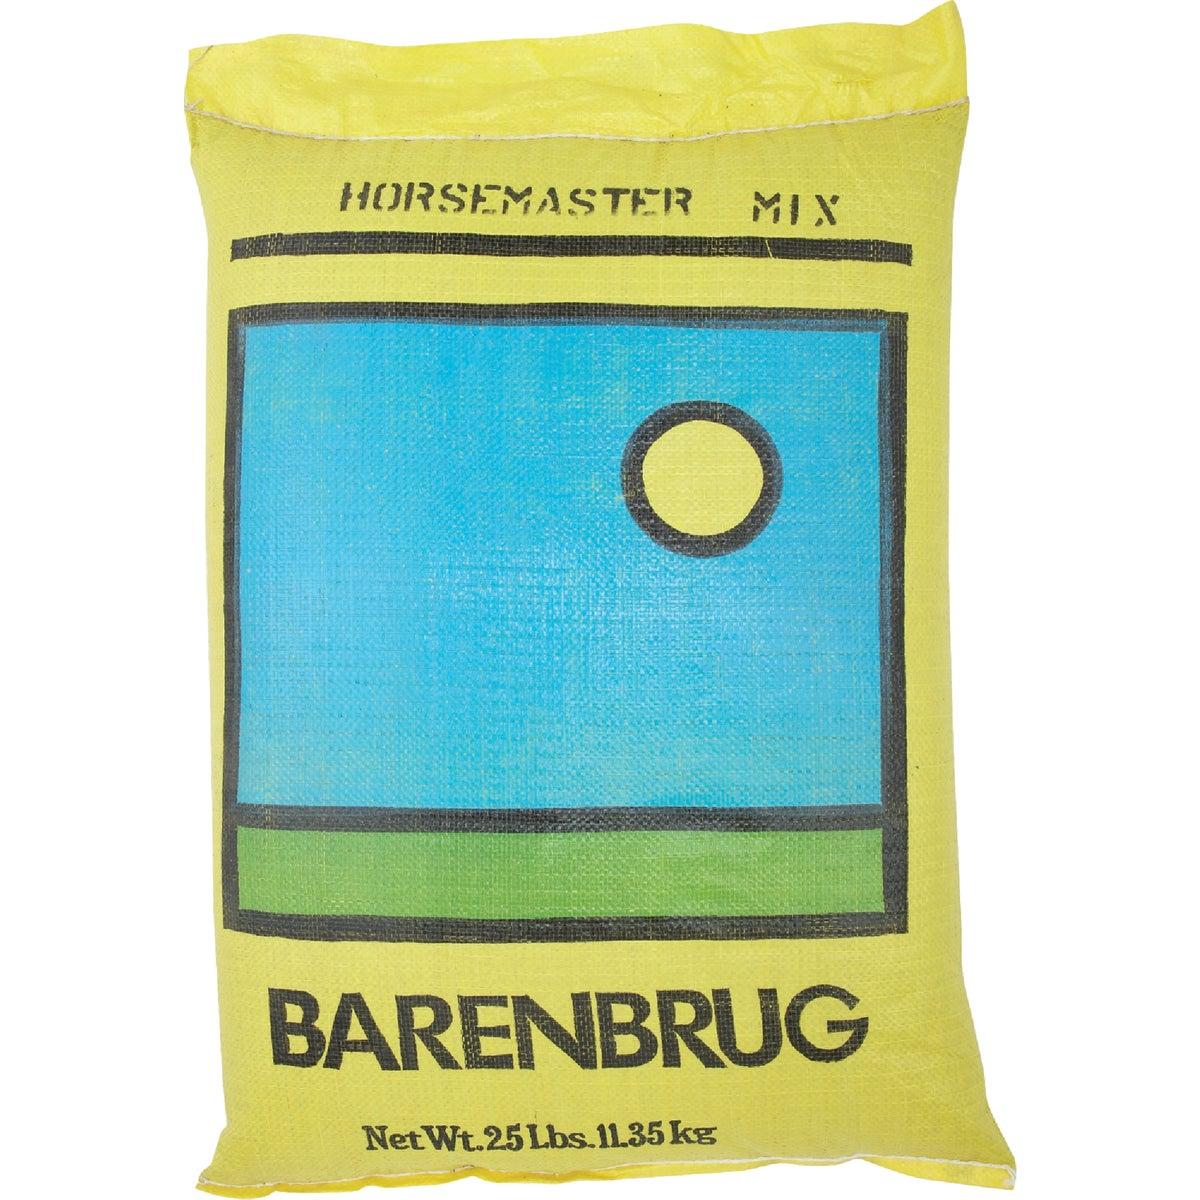 25LB HRSMST PASTURE SEED - 10030 by Barenbrug U S A